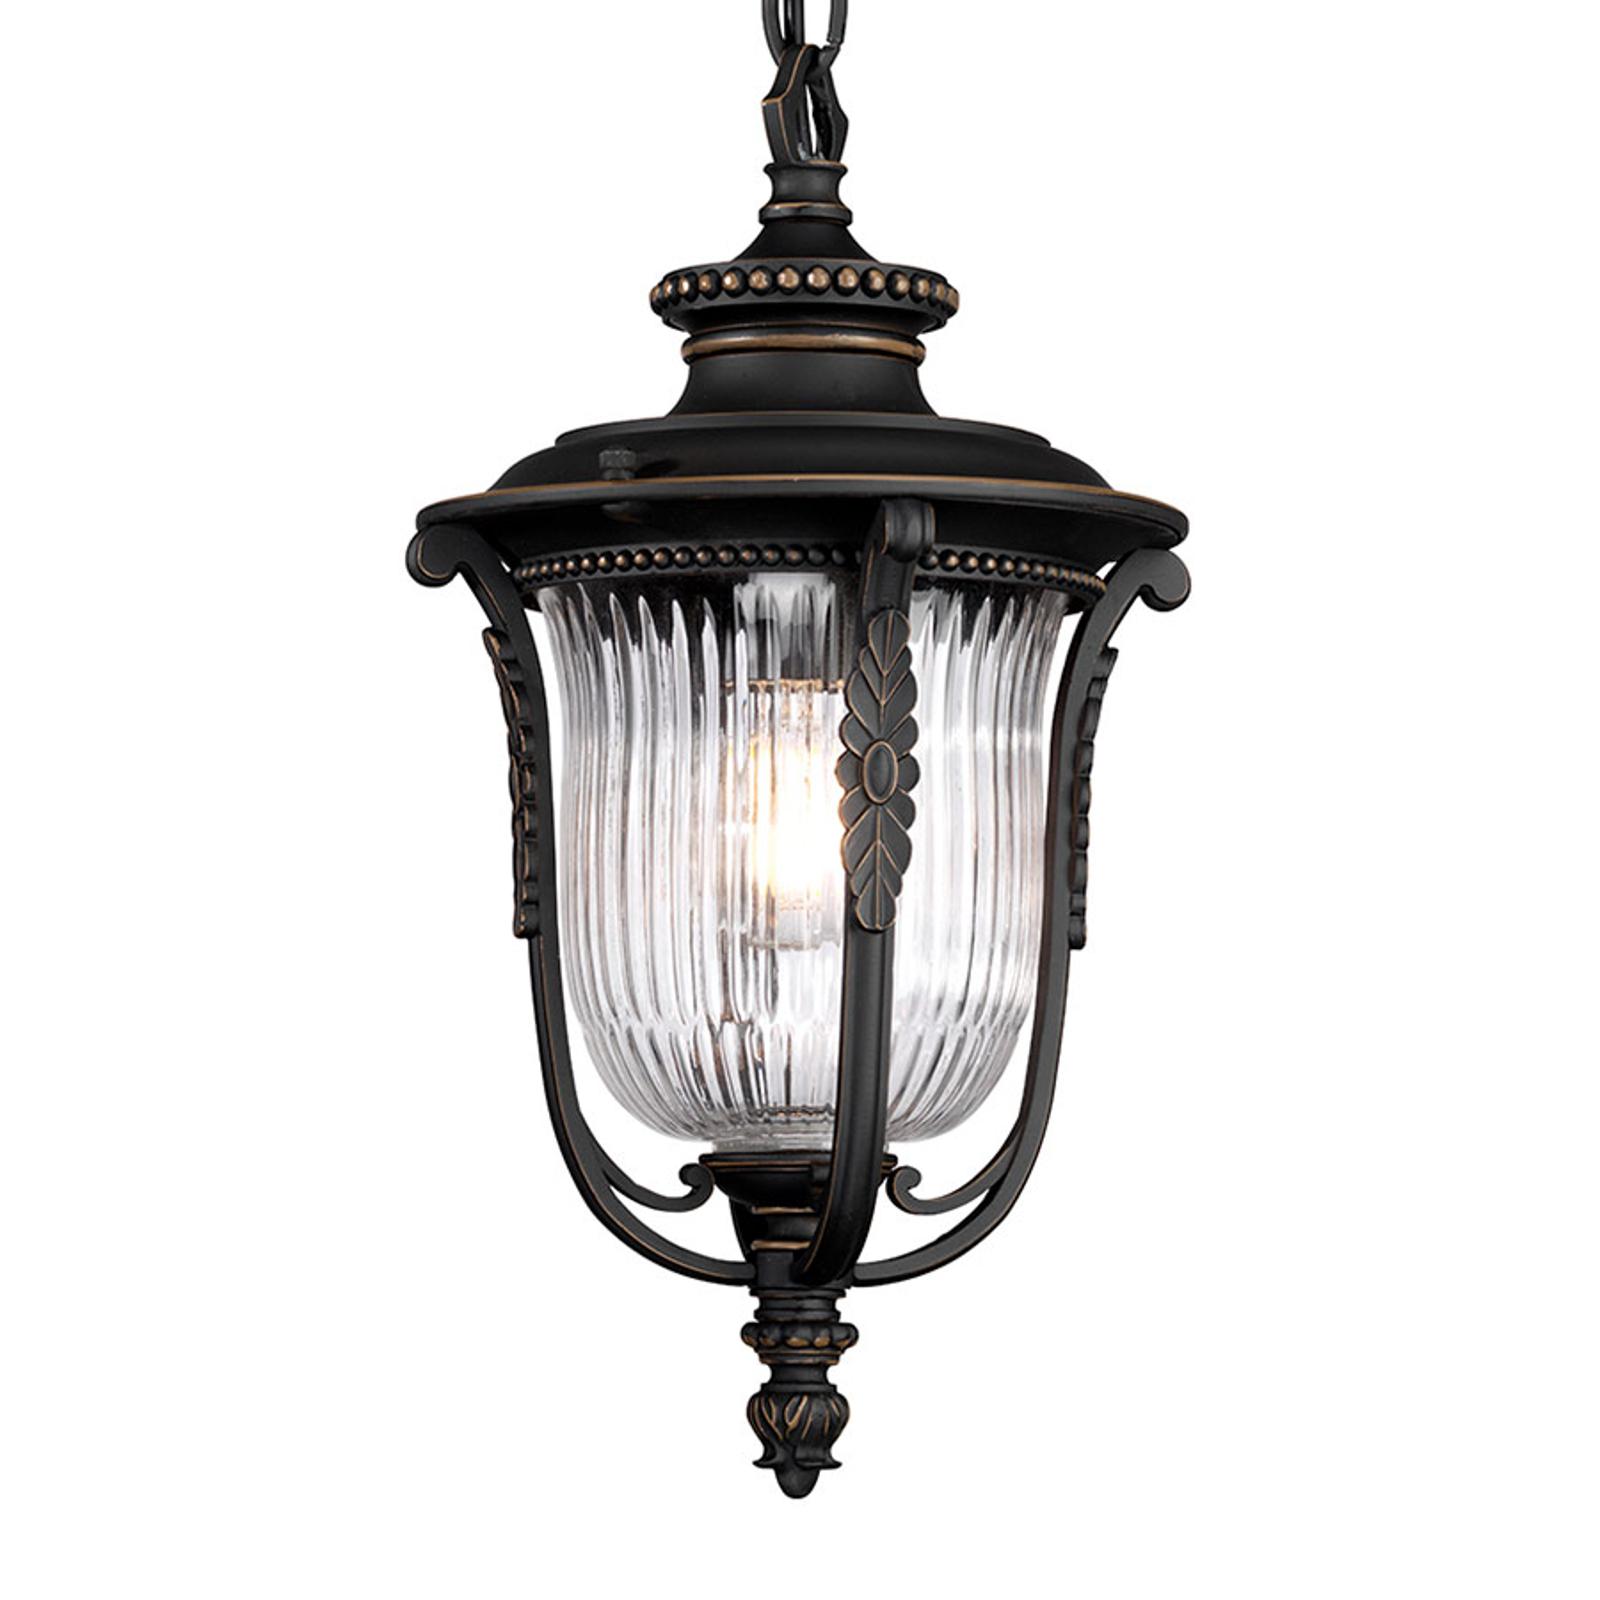 Hanglamp Luverne voor buiten